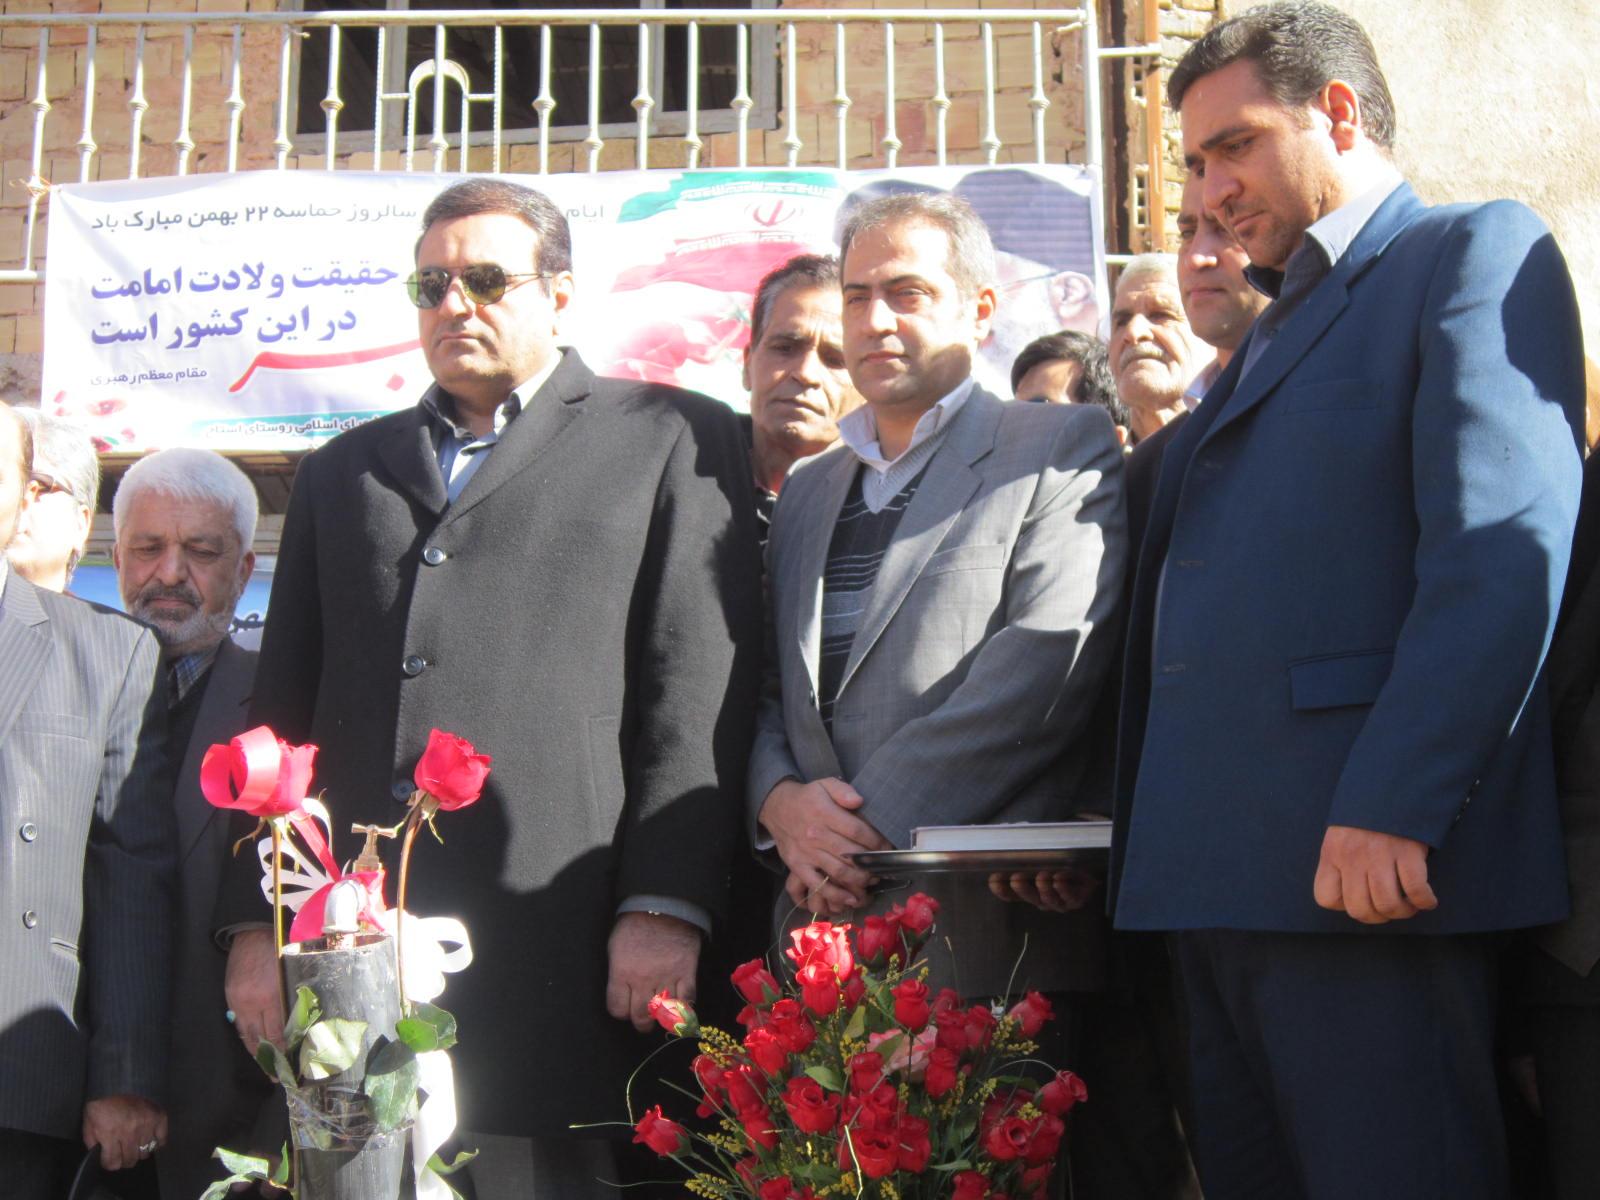 افتتاح آبرسانی به روستای استاج